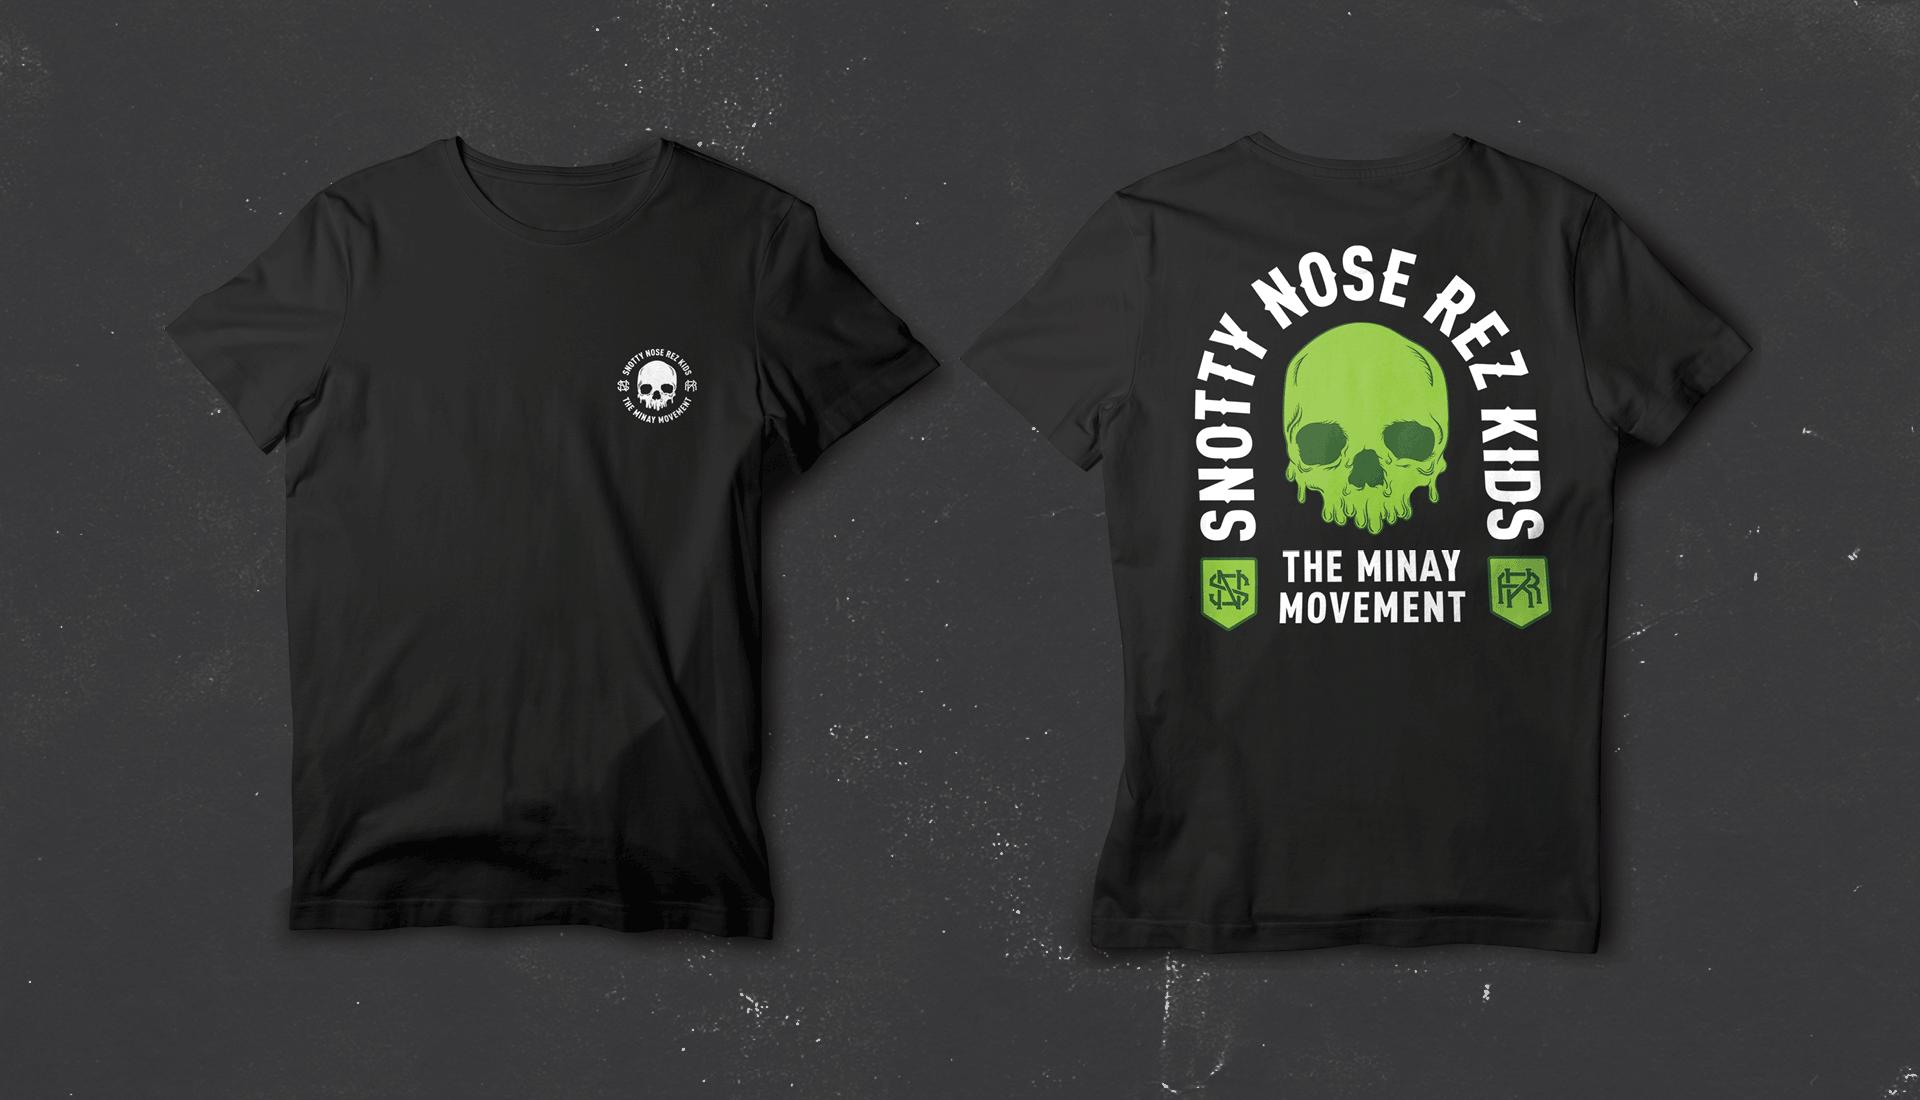 Snotty Nose Rez Kids | T-shirt Merch Design 1